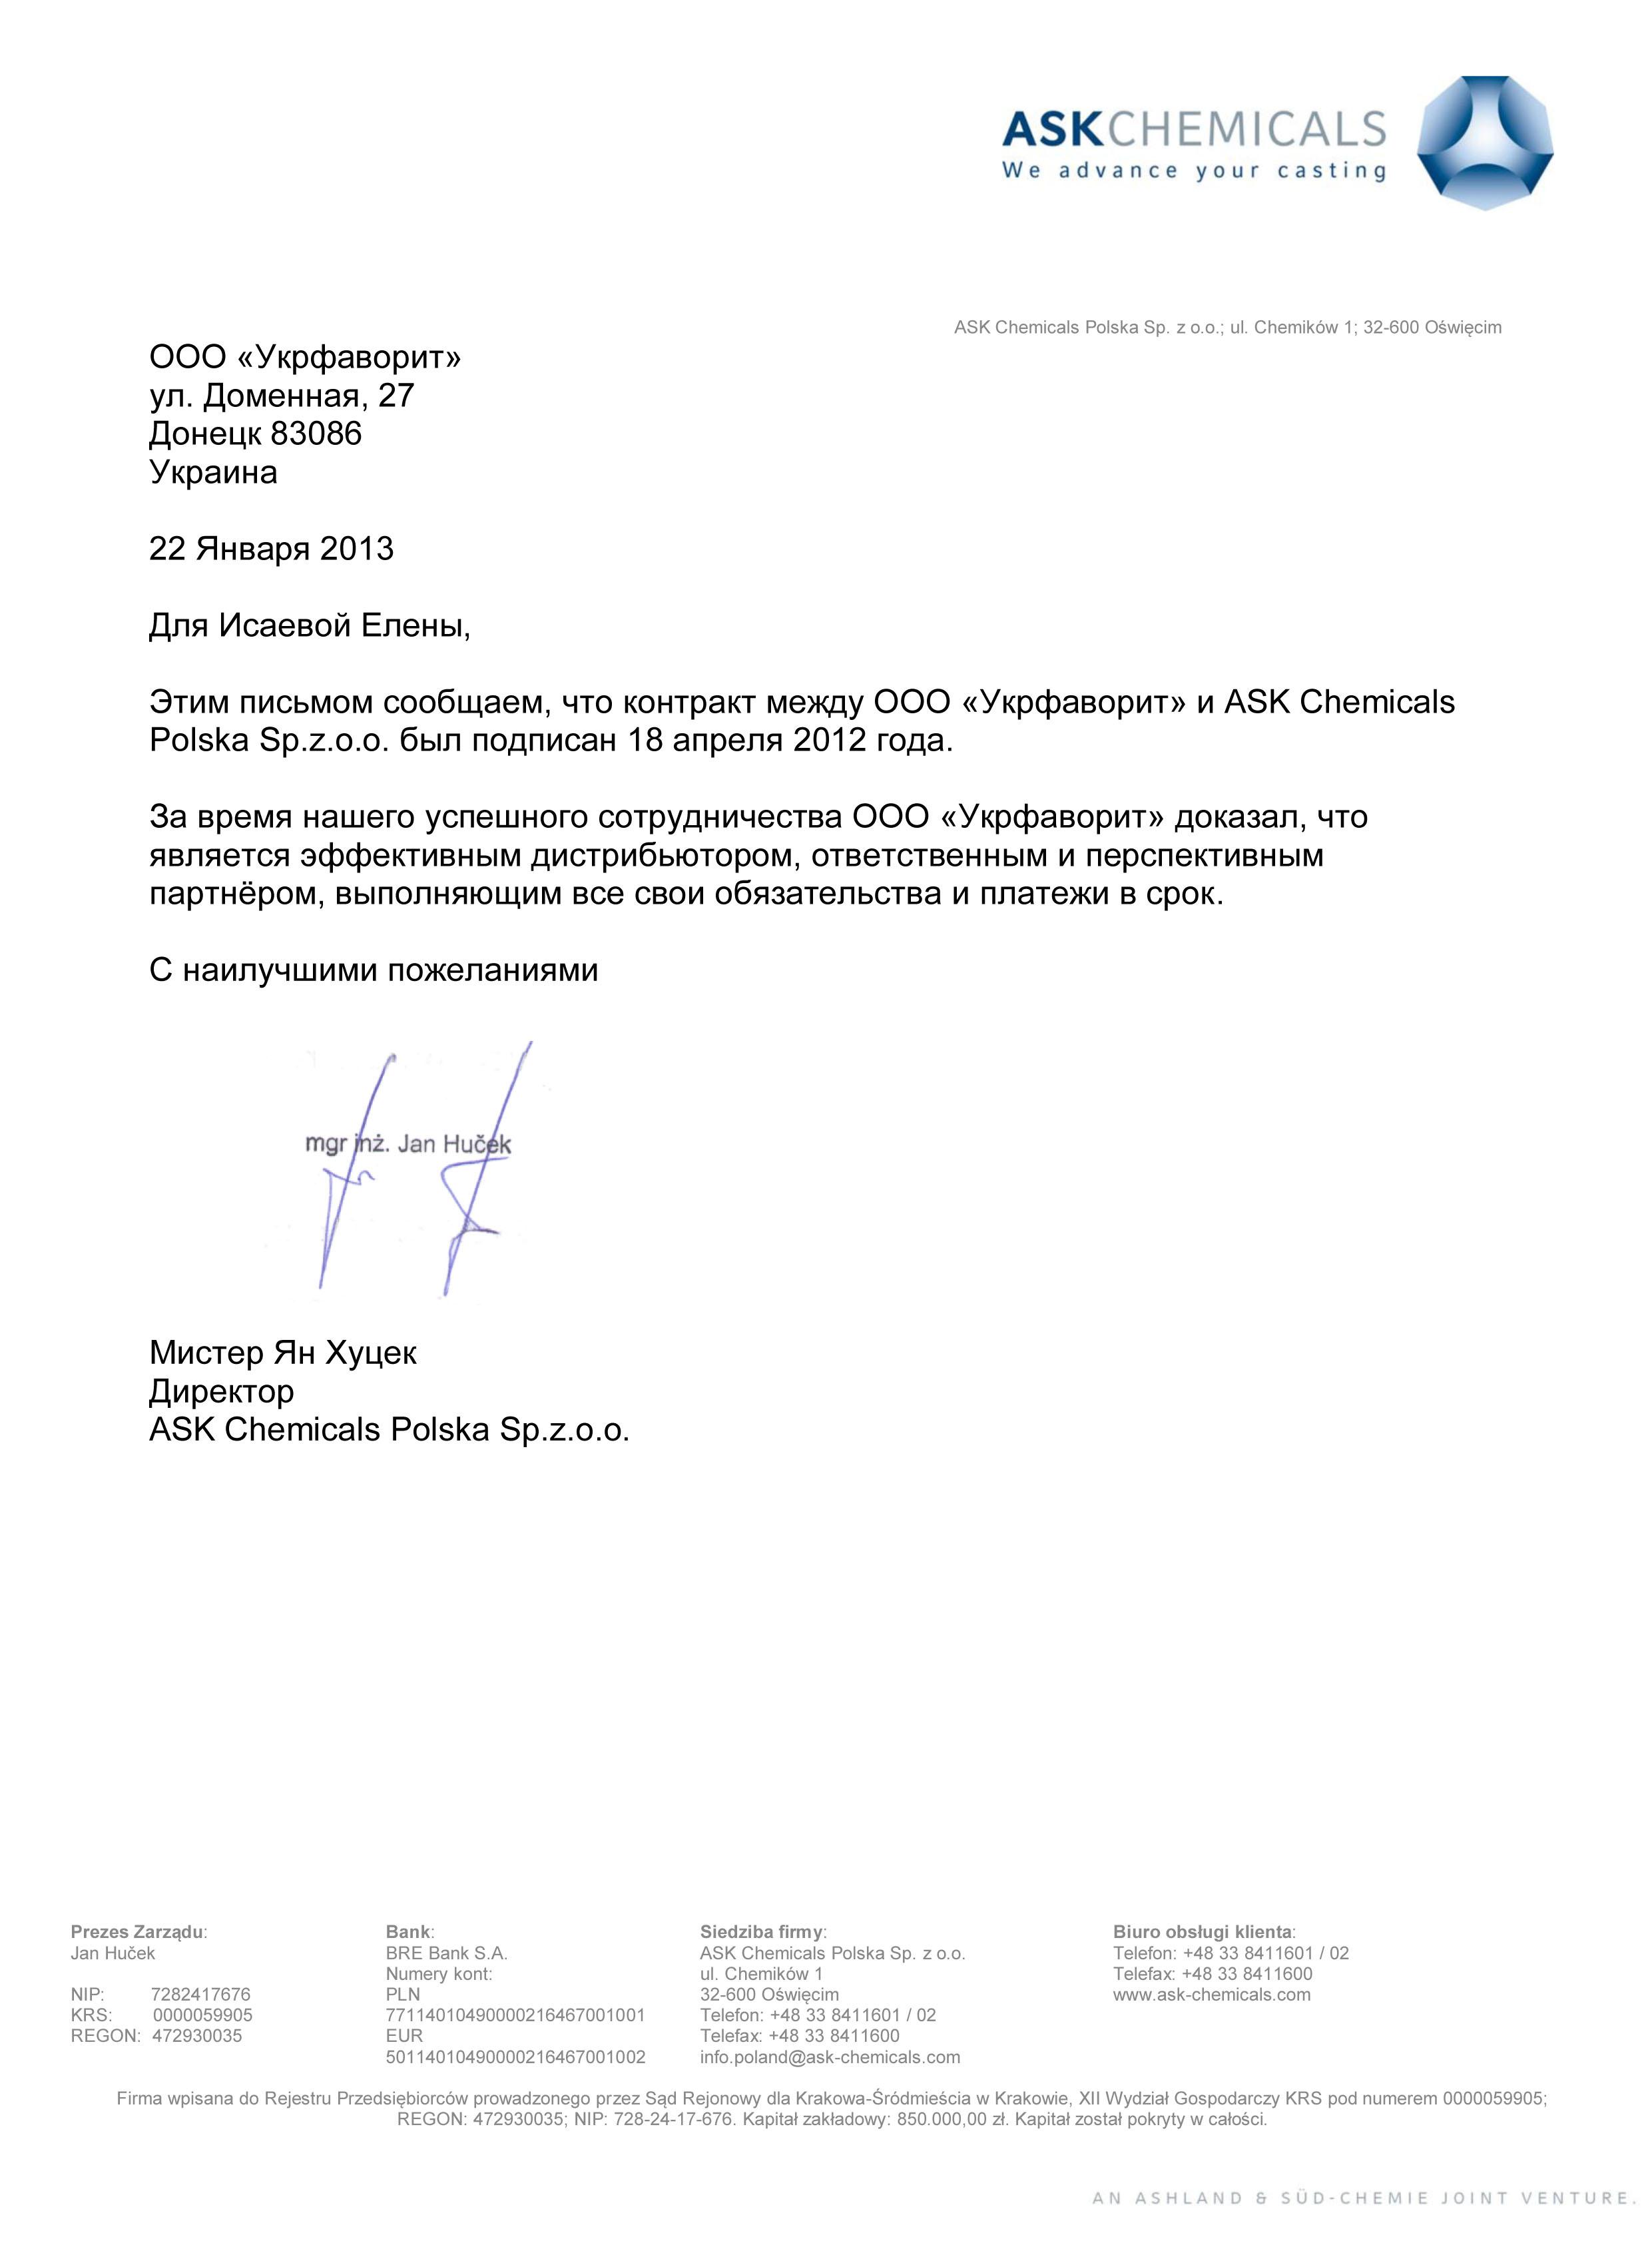 Рекомендательное письмо ASK Chemicals Polska Sp. z o.o.